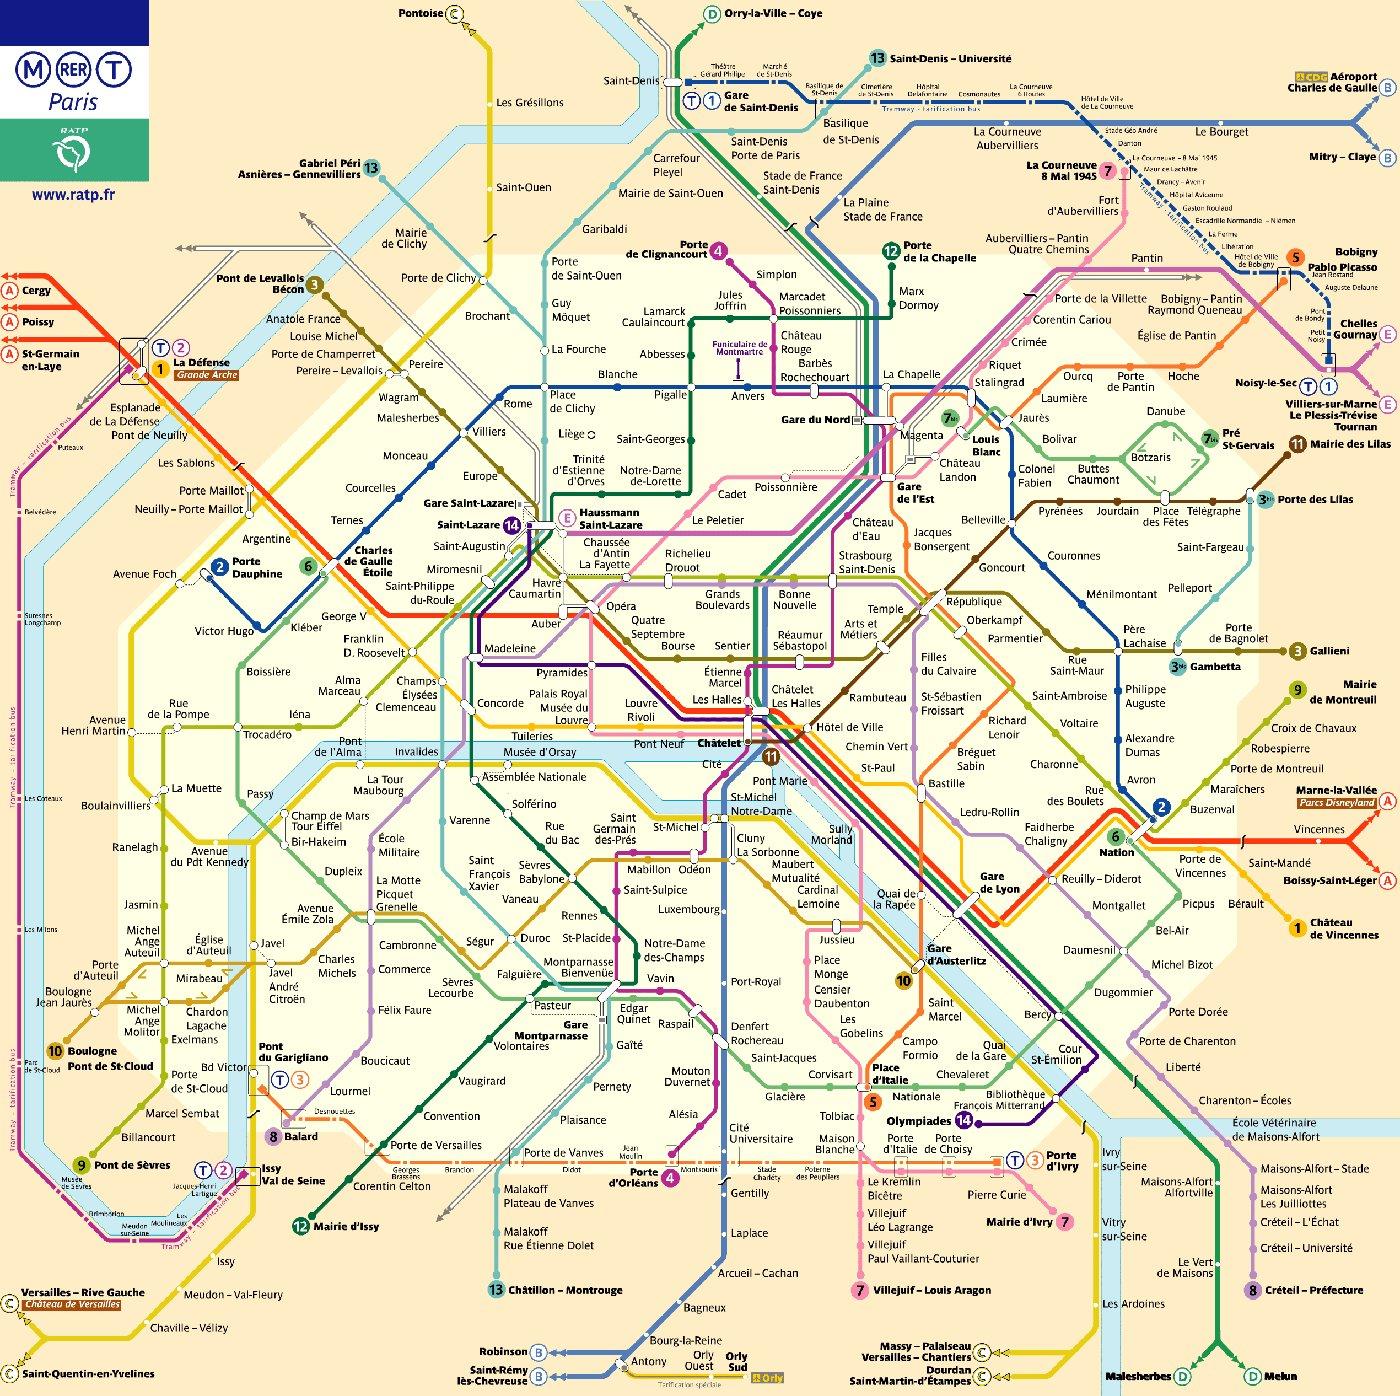 Plan du métro de paris le site de tous les plans de métros